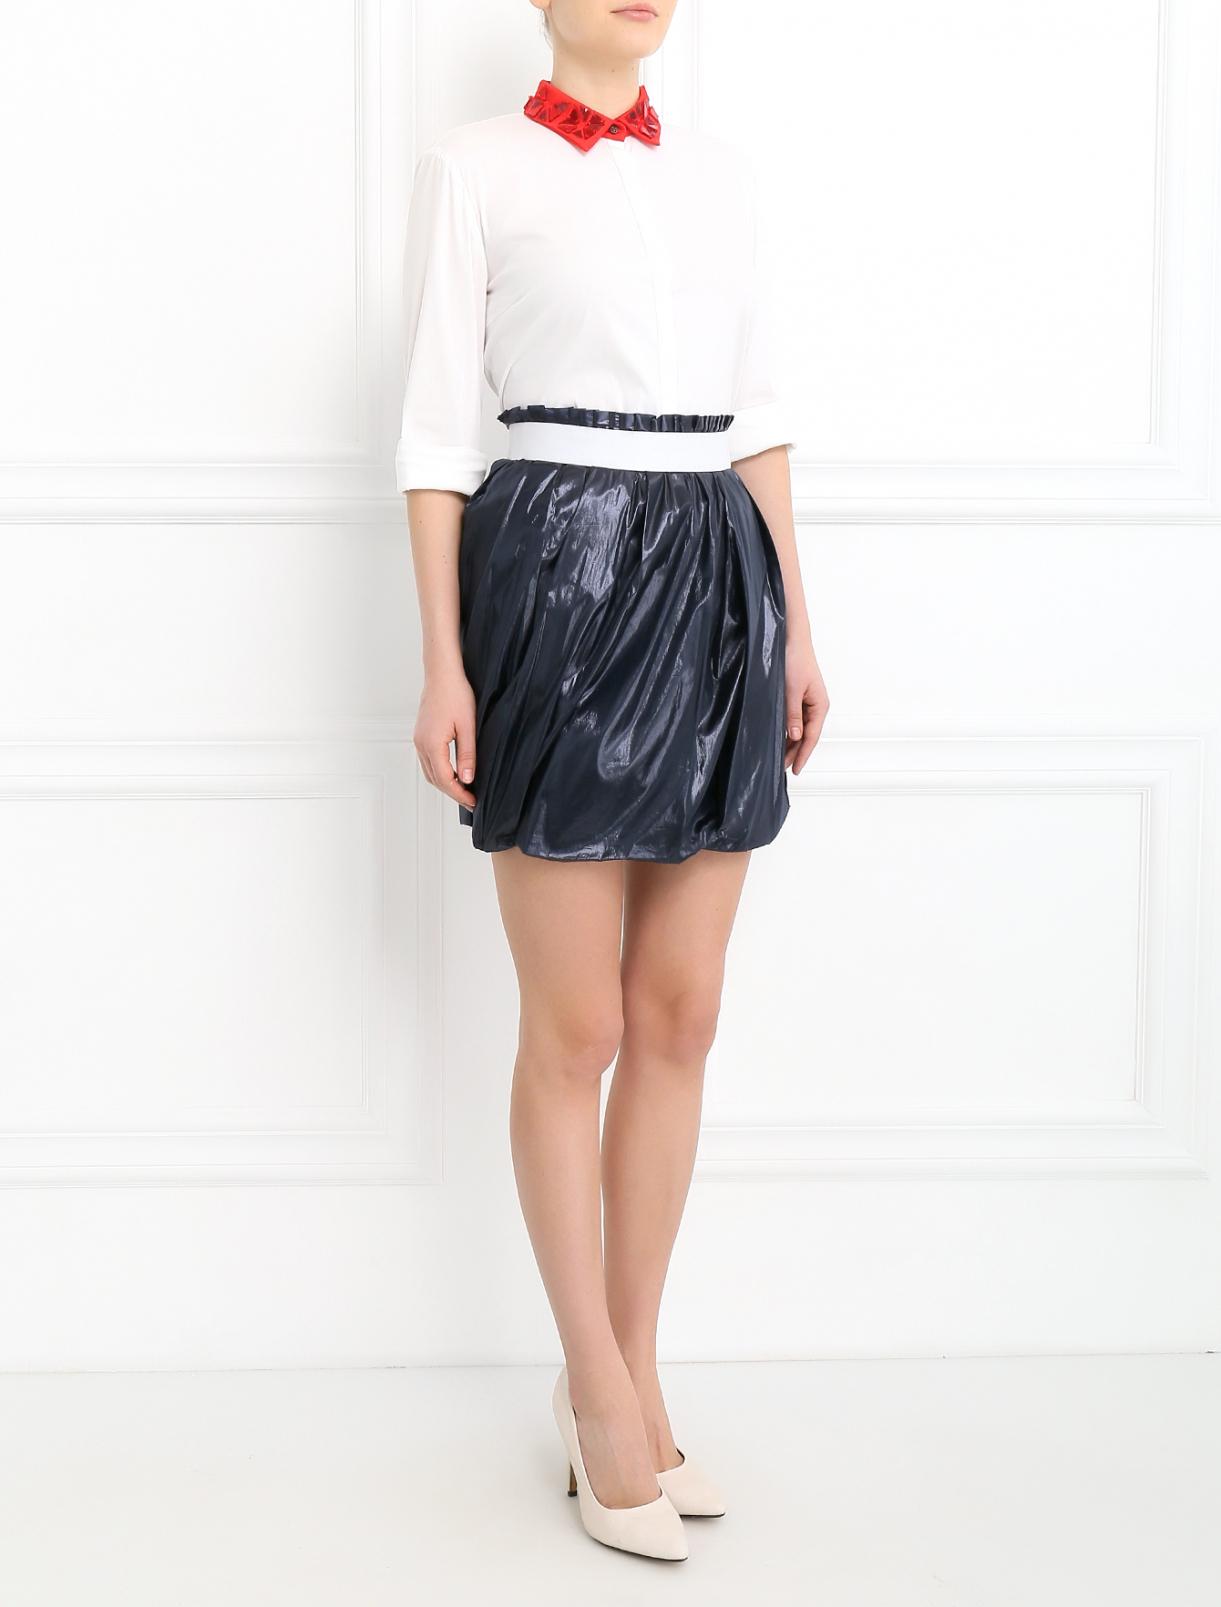 Юбка-мини с драпировкой Dolce & Gabbana  –  Модель Общий вид  – Цвет:  Синий